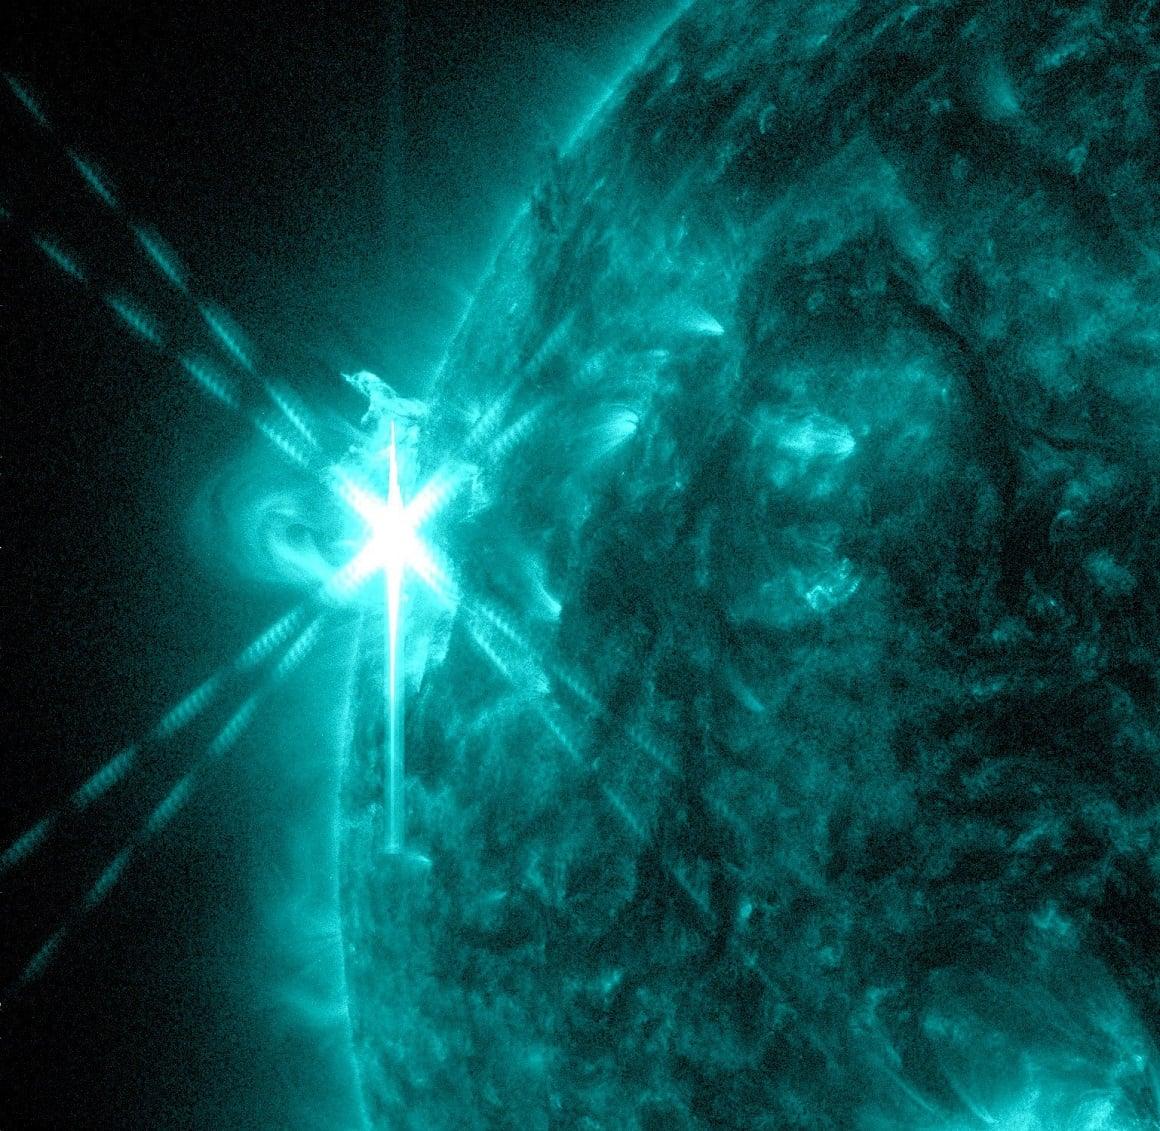 پارکر کاوشگر خورشیدی - شعلههای خورشیدی